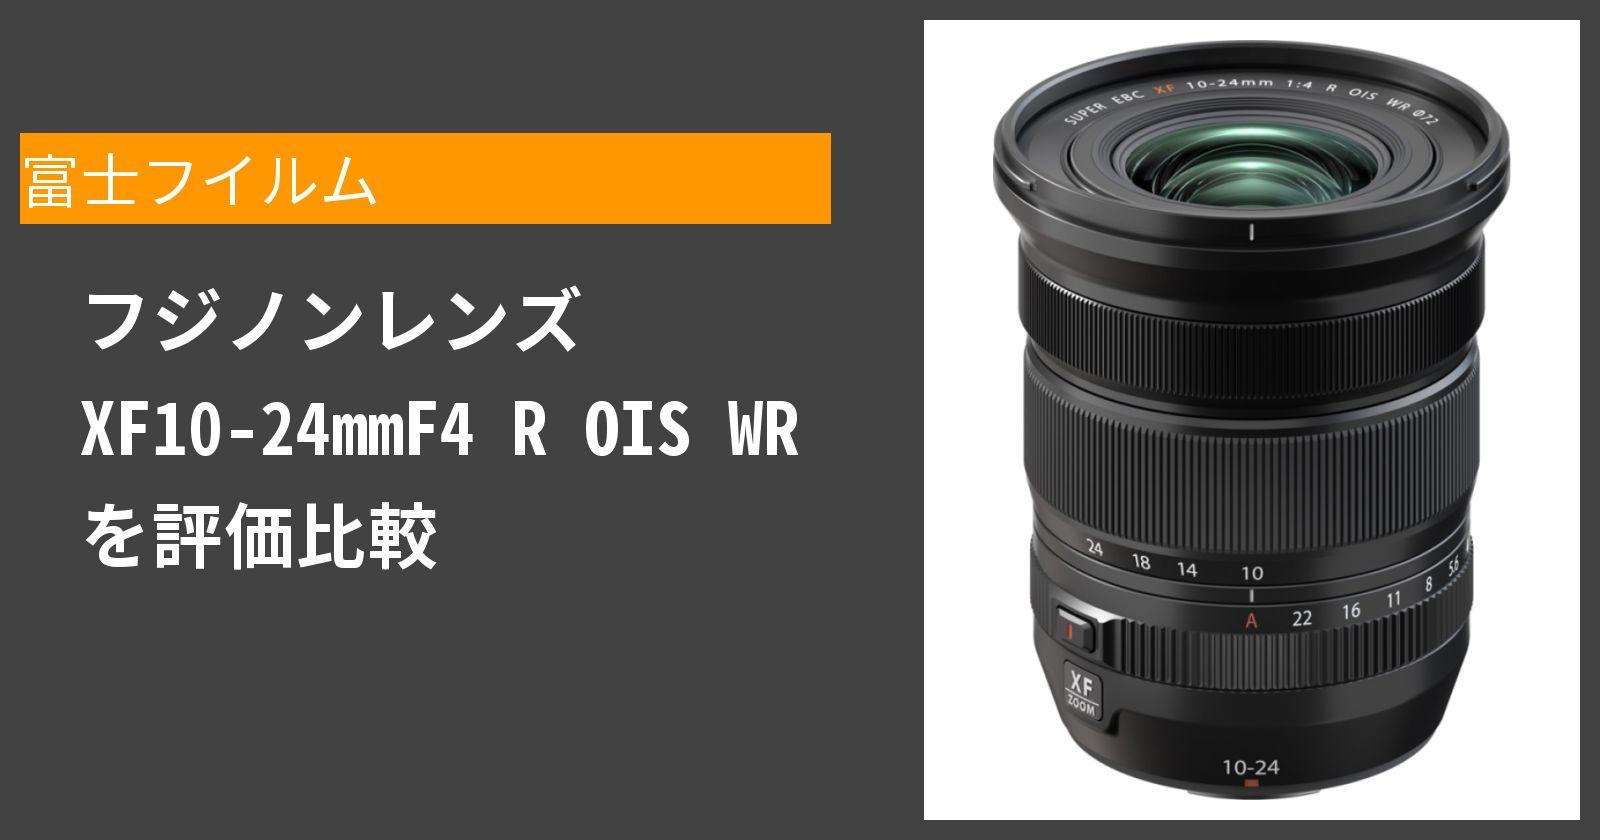 フジノンレンズ XF10-24mmF4 R OIS WRを徹底評価